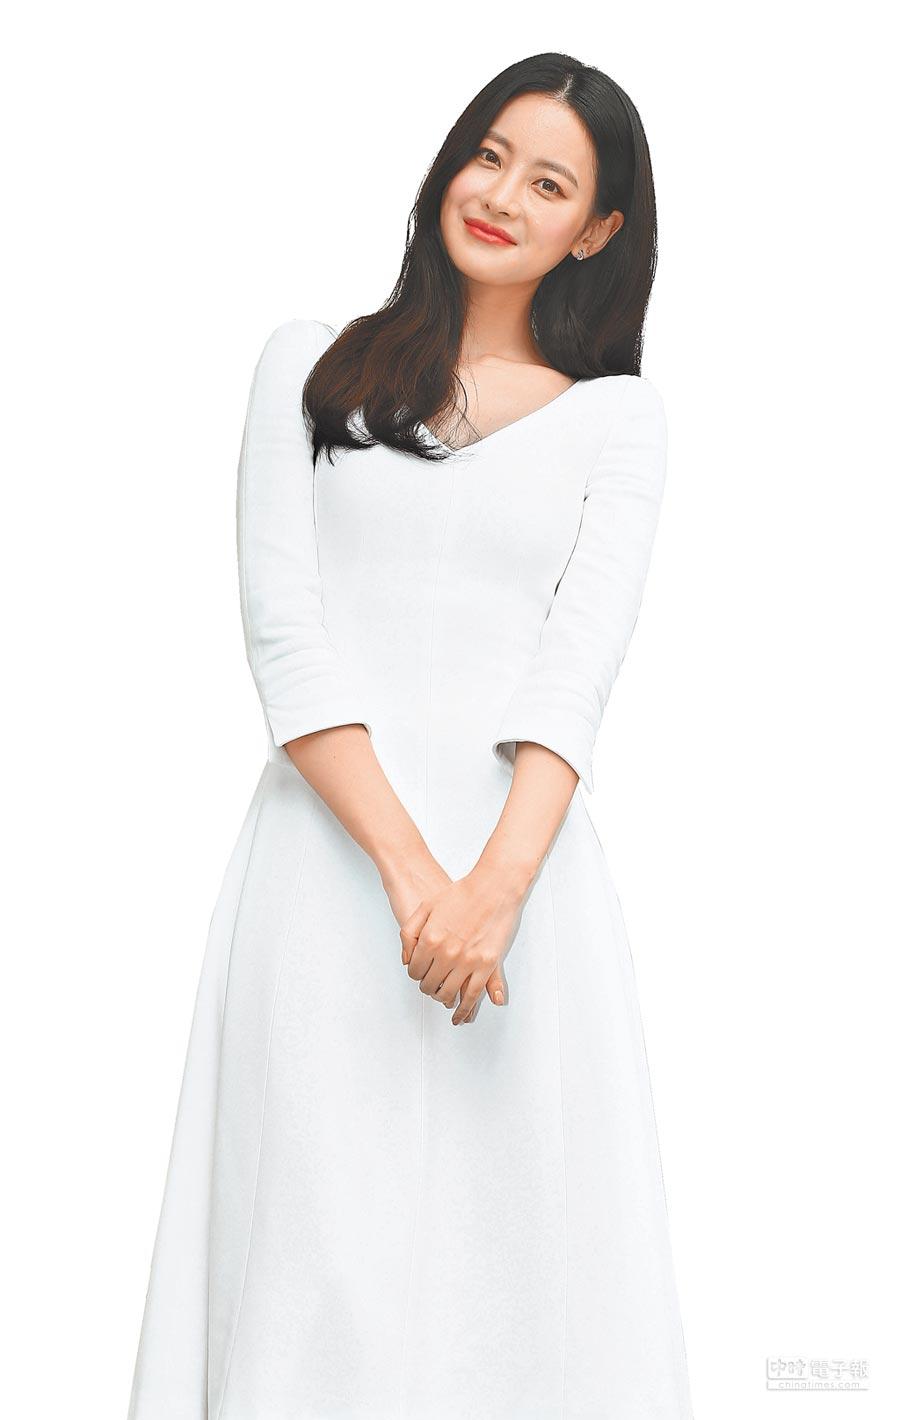 韓劇《花遊記》中飾演唐三藏的吳漣序,首來台參加代言品牌「AHC旗艦快閃店」開幕活動。(粘耿豪攝)